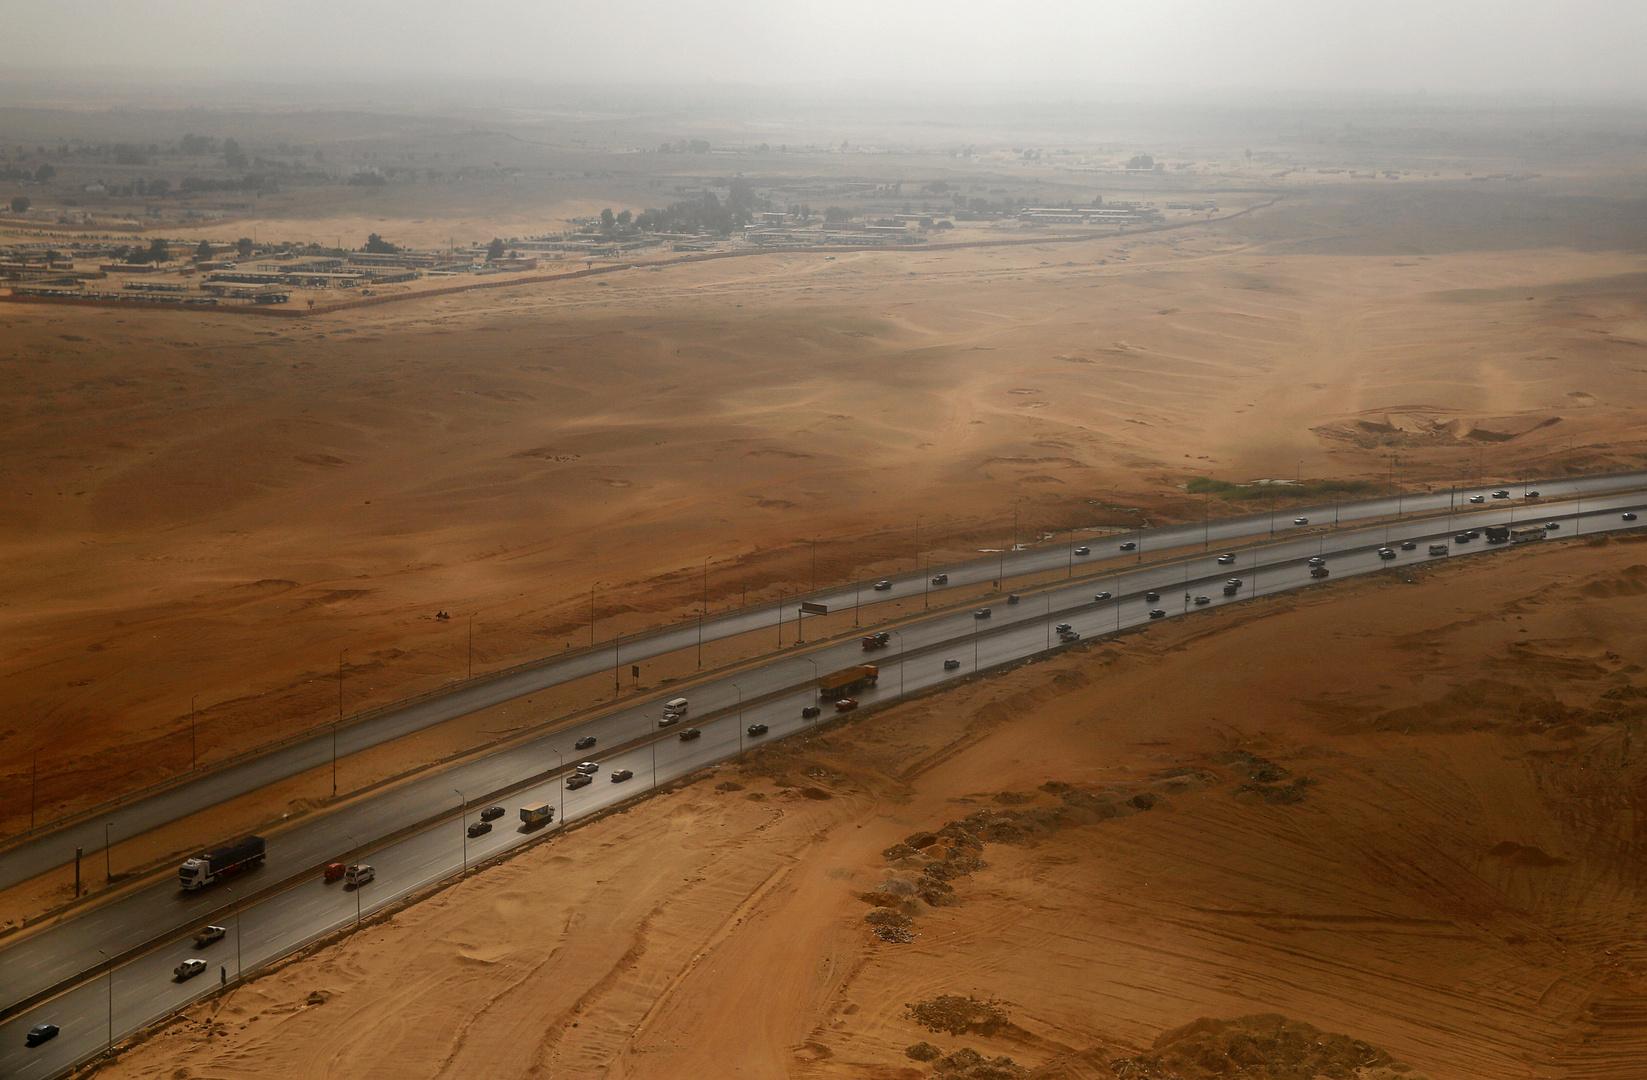 مصر تعلن عن خط بري لنقل الركاب يربطها بدولتين عربيتين